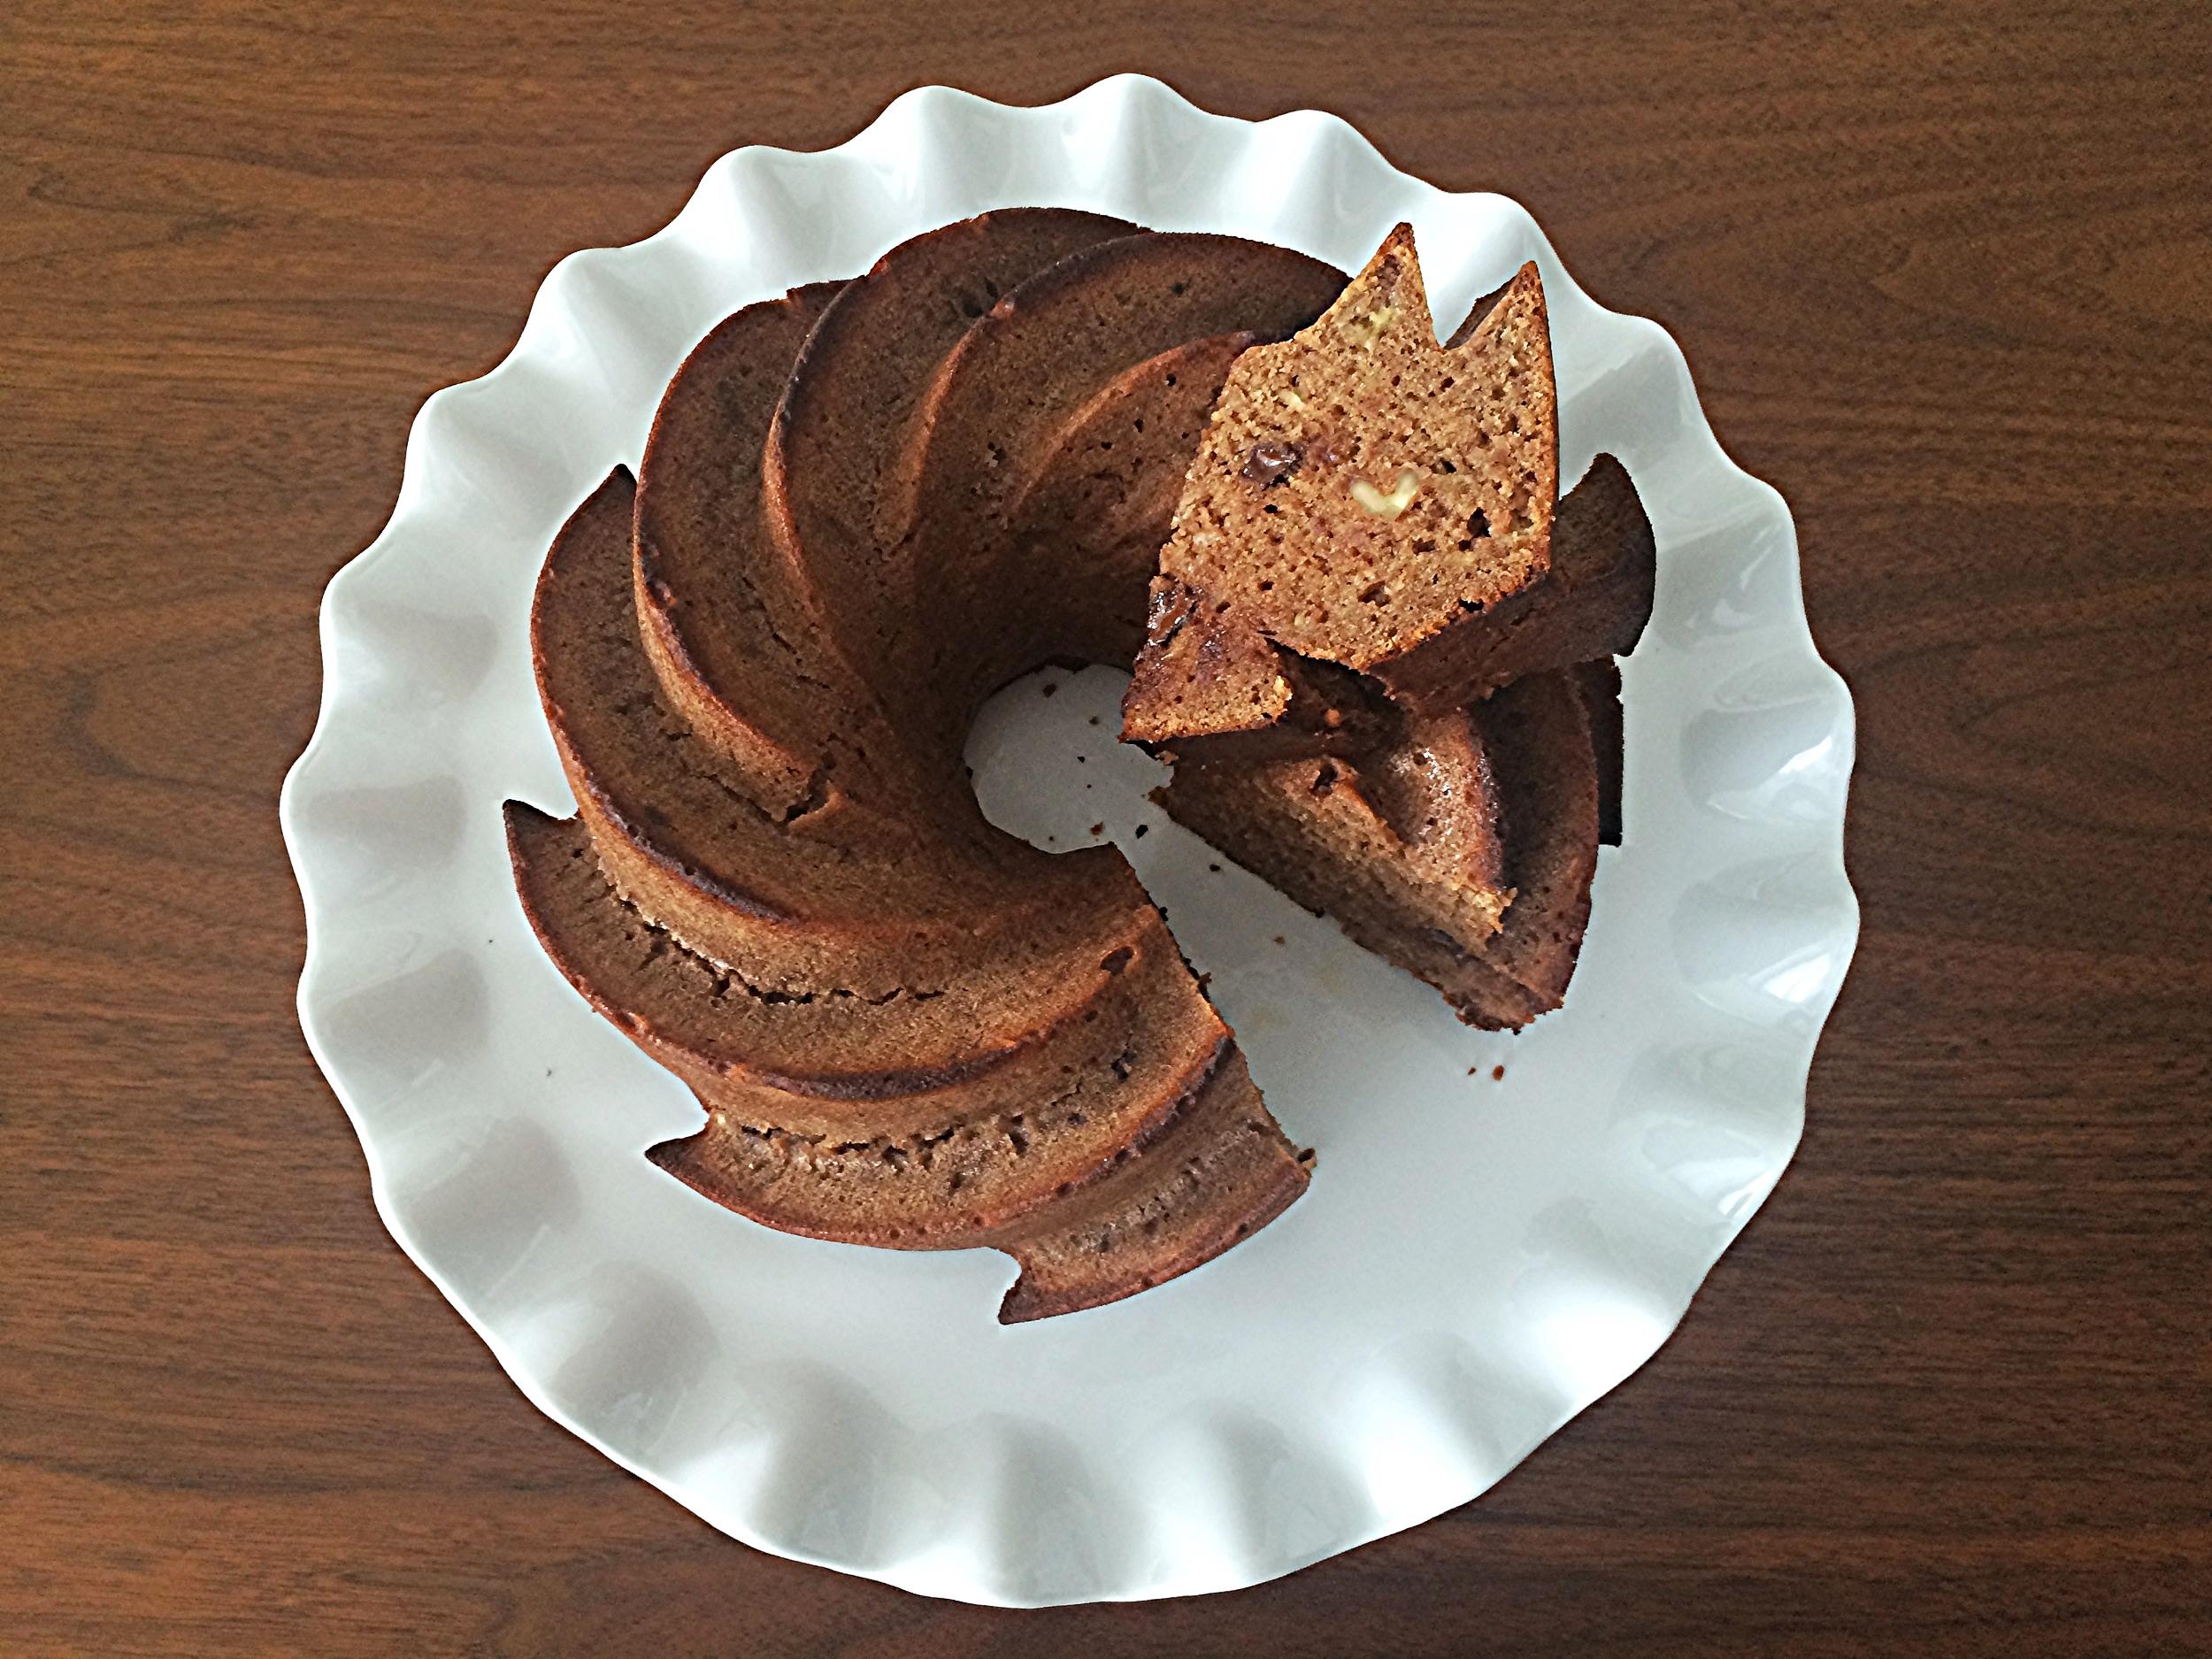 A massa do bolo é mais compacta mesmo. Por isso é importante mexer a massa o mínimo possível. Coloque os ingredientes na ordem em que aparecem na receita, menos a farinha. Mexa tudo pra incorporar, acrescente a farinha, as castanhas e o chocolate e misture o suficiente pra que sejam absorvidos pela massa.